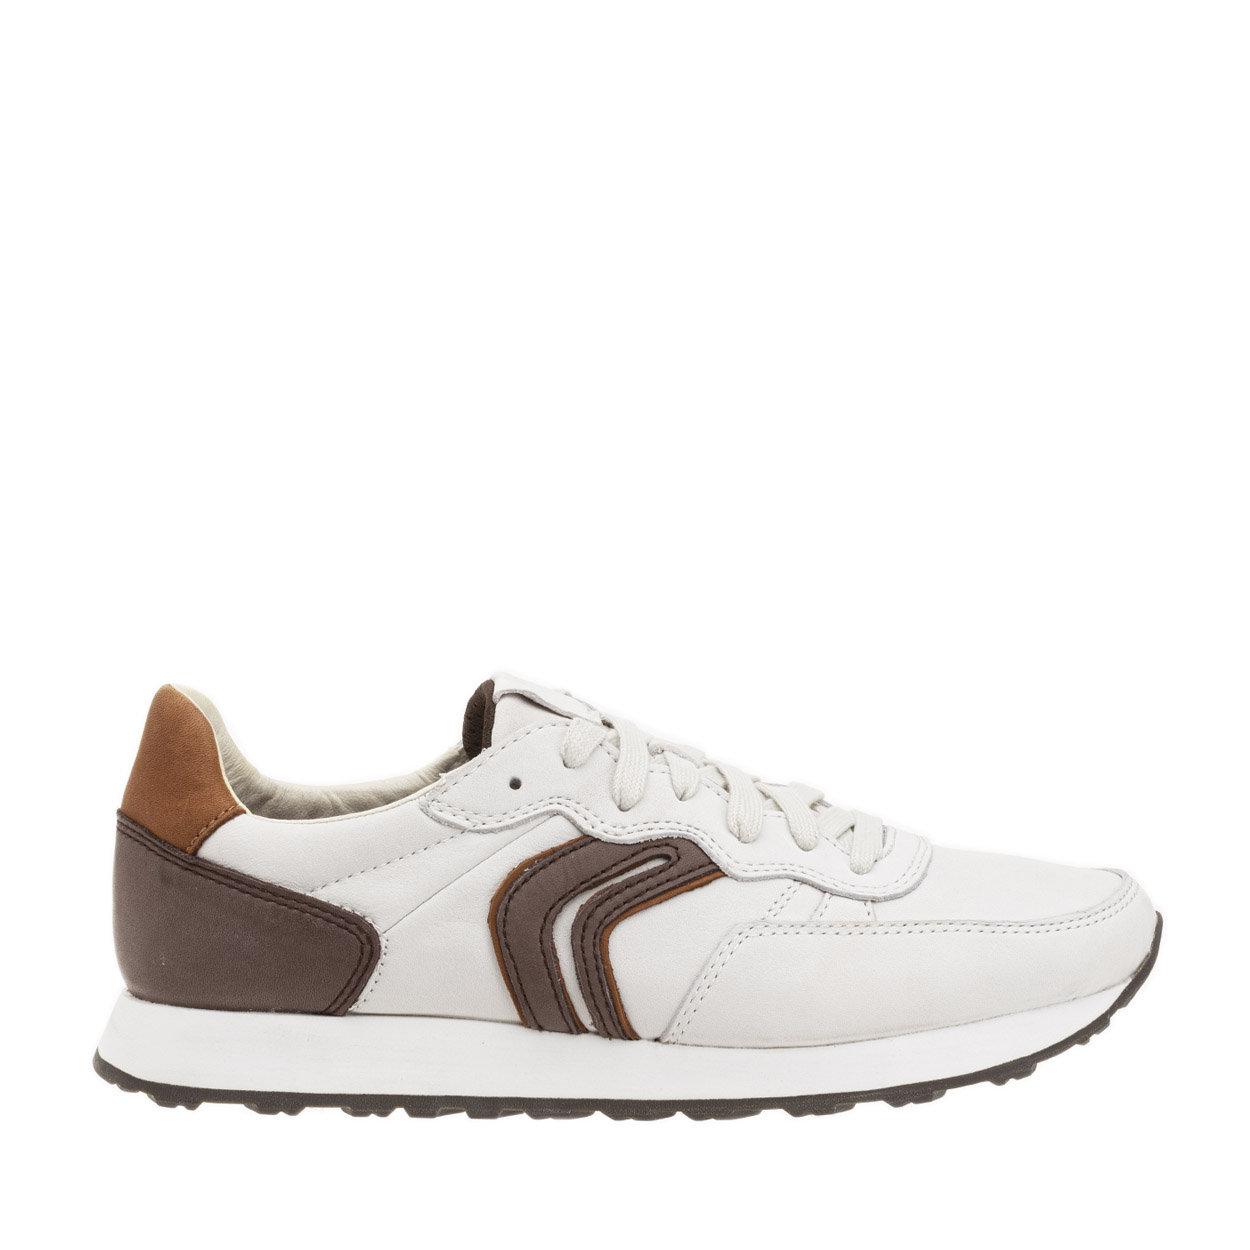 Sneakers Vincit in pelle con dettagli a contrasto bianche